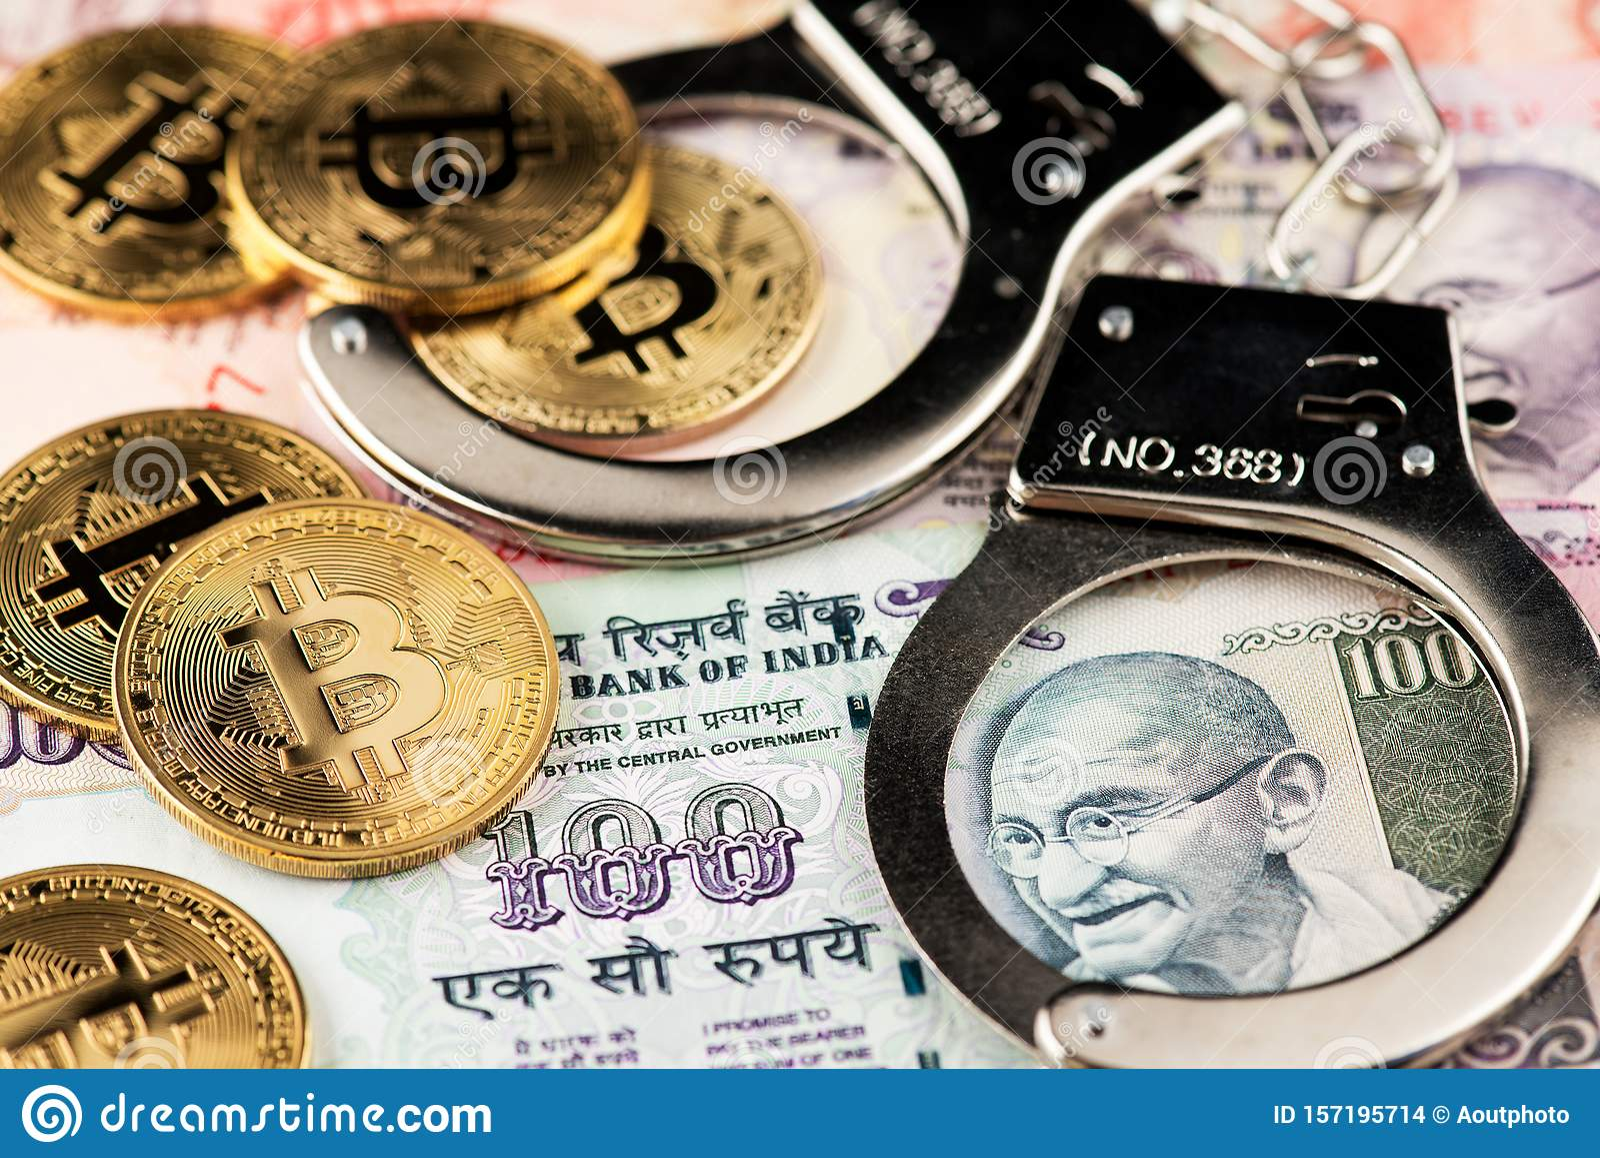 Il governo indiano chiarisce la posizione su criptovaluta e rupia digitale - Coinotizia